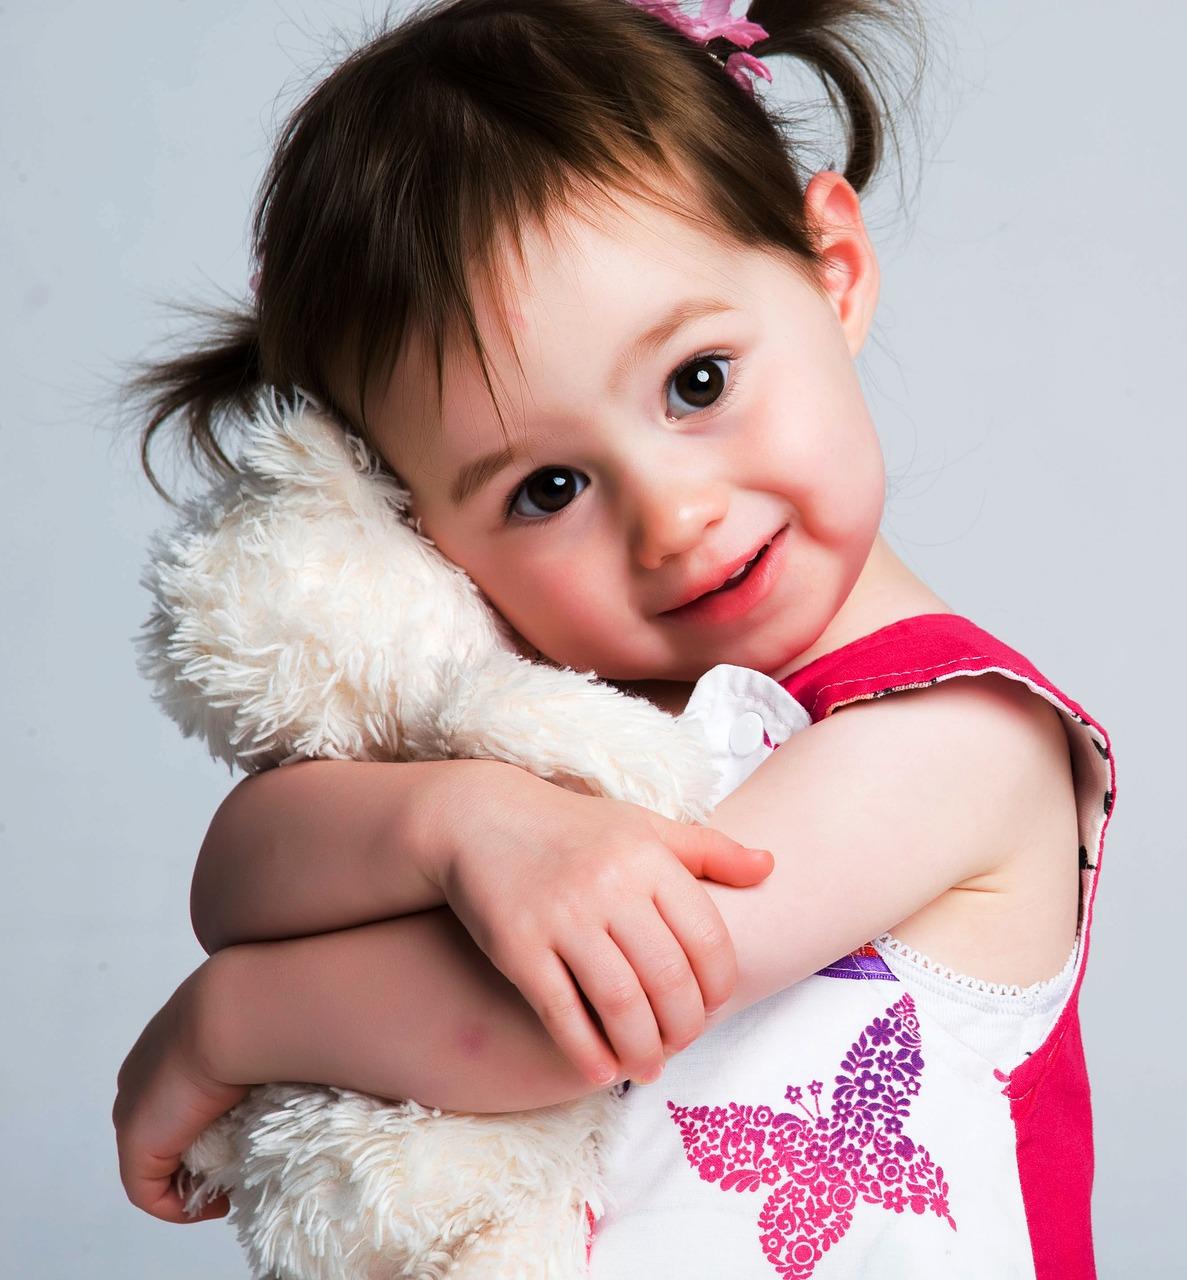 child-2141106_1280.jpg